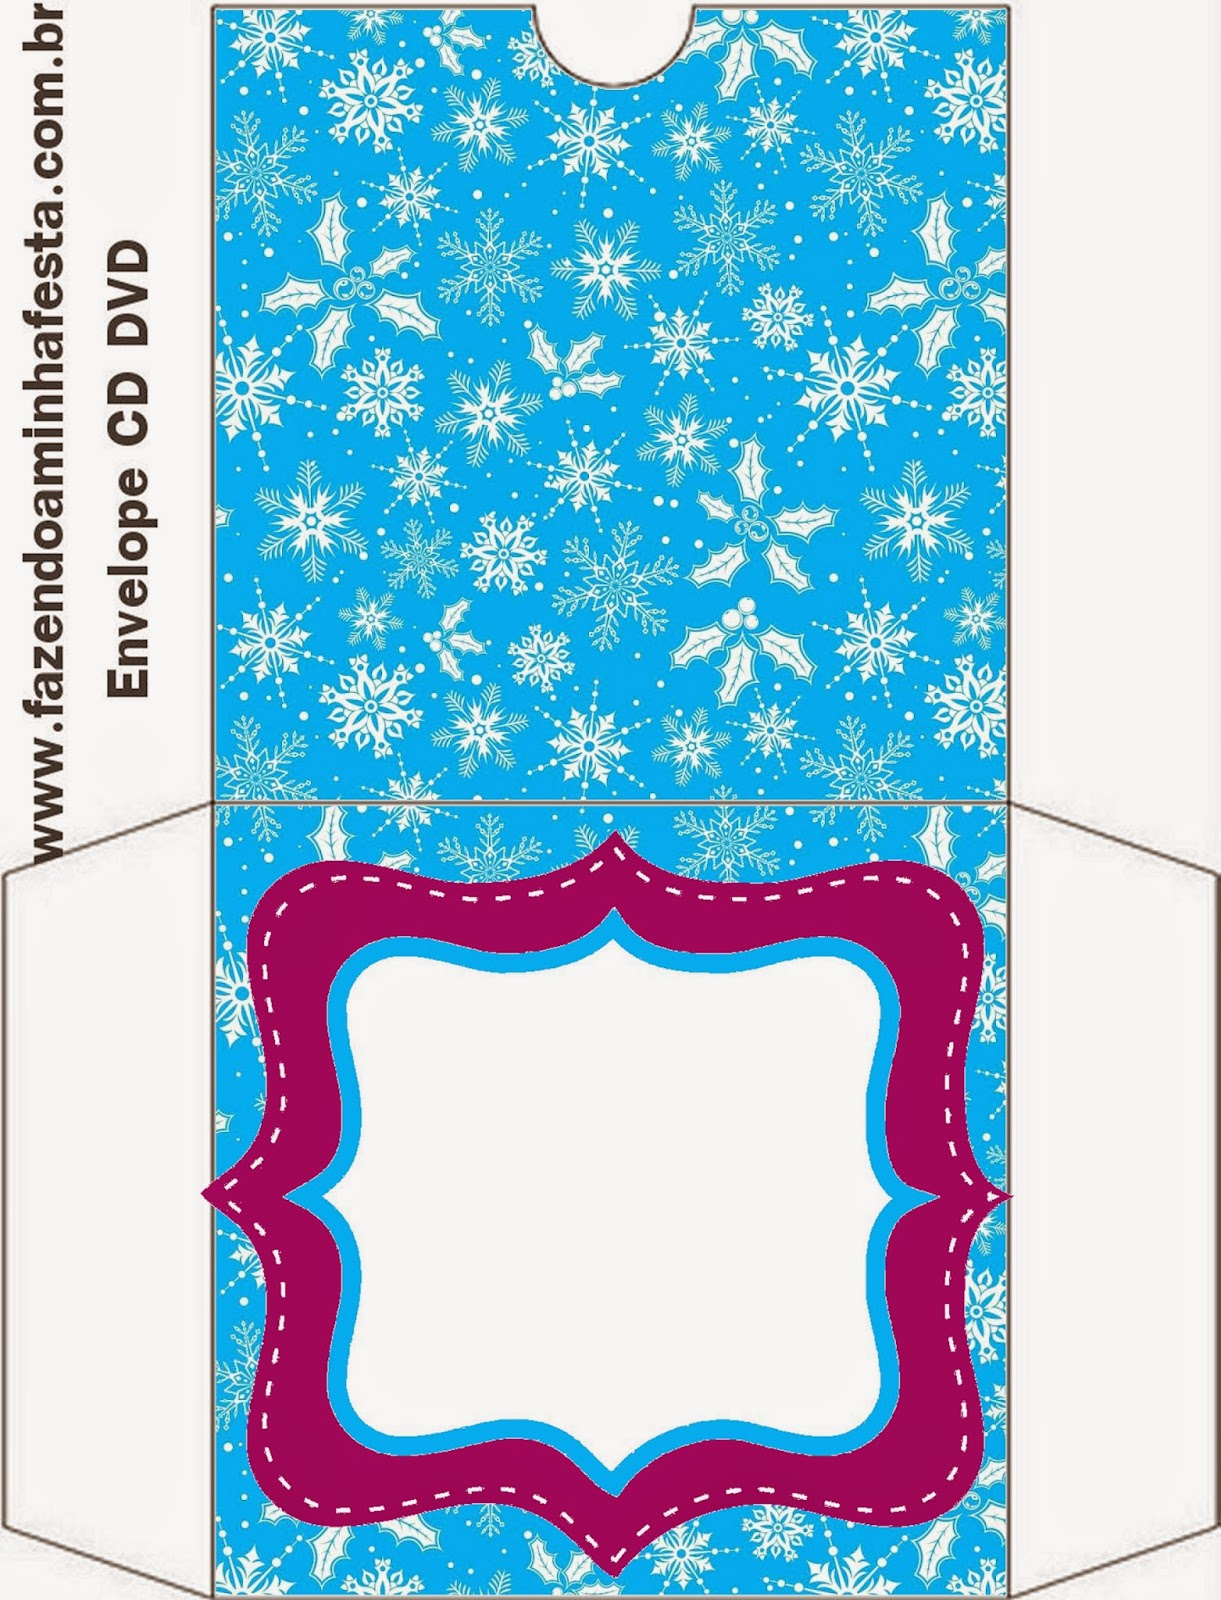 Etiqueta Funda CD´s de Frozen en Morado y Celeste para Navidad para imprimir gratis.